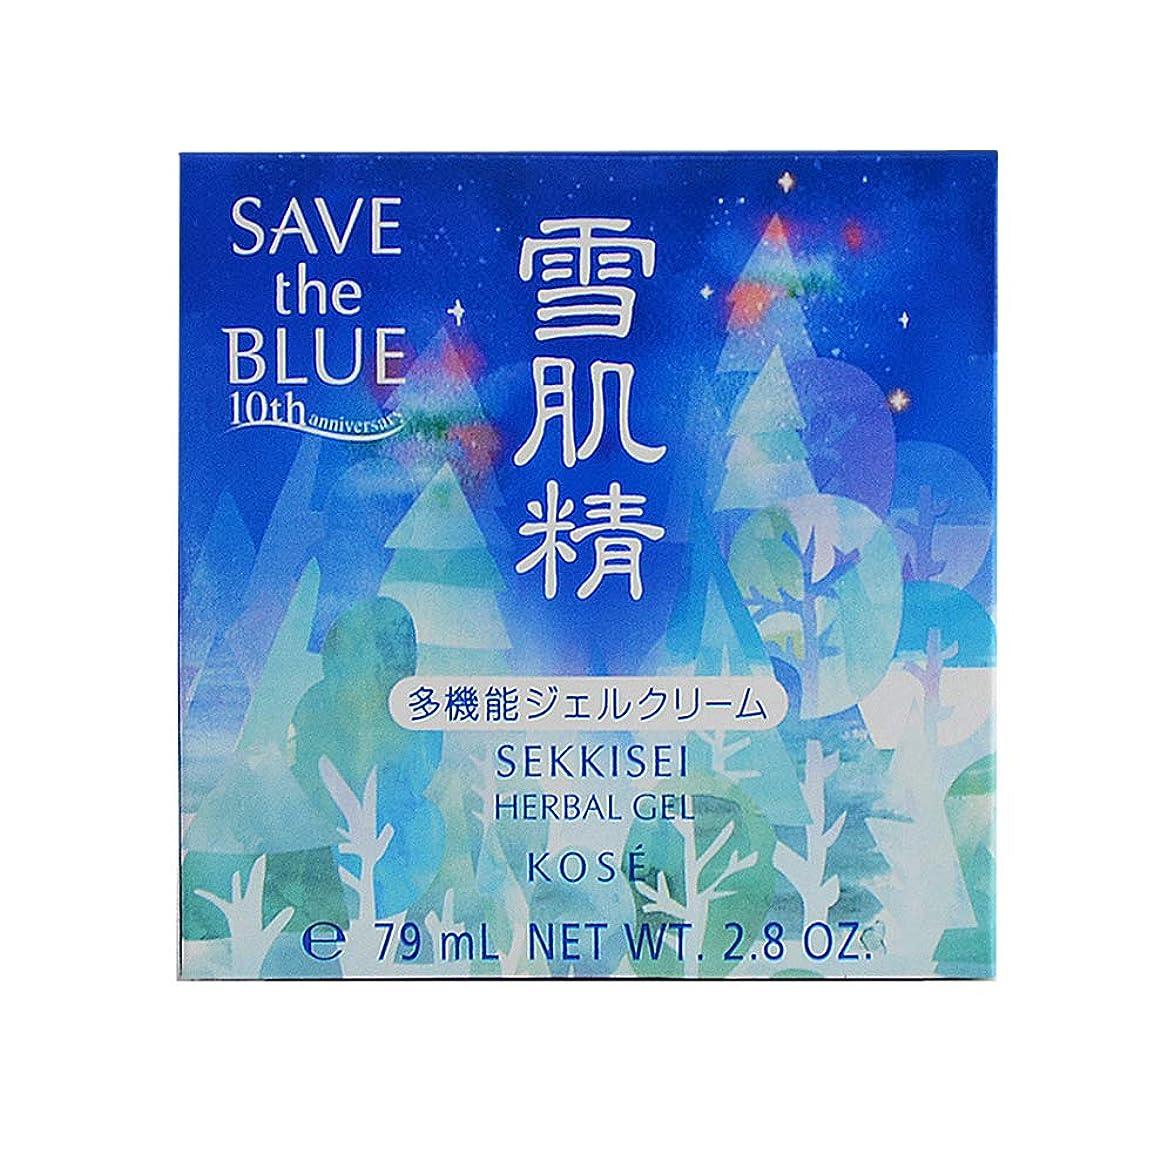 ステープル配管工傾くコーセー 雪肌精 ハーバルジェル 80g (SAVE the BLUE) [ フェイスクリーム ] [並行輸入品]